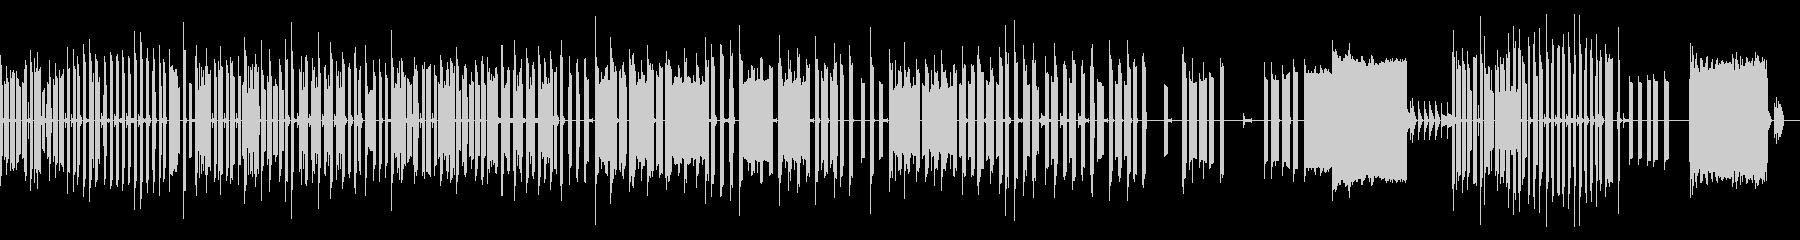 ミュージカルチックチップチューンスイングの未再生の波形